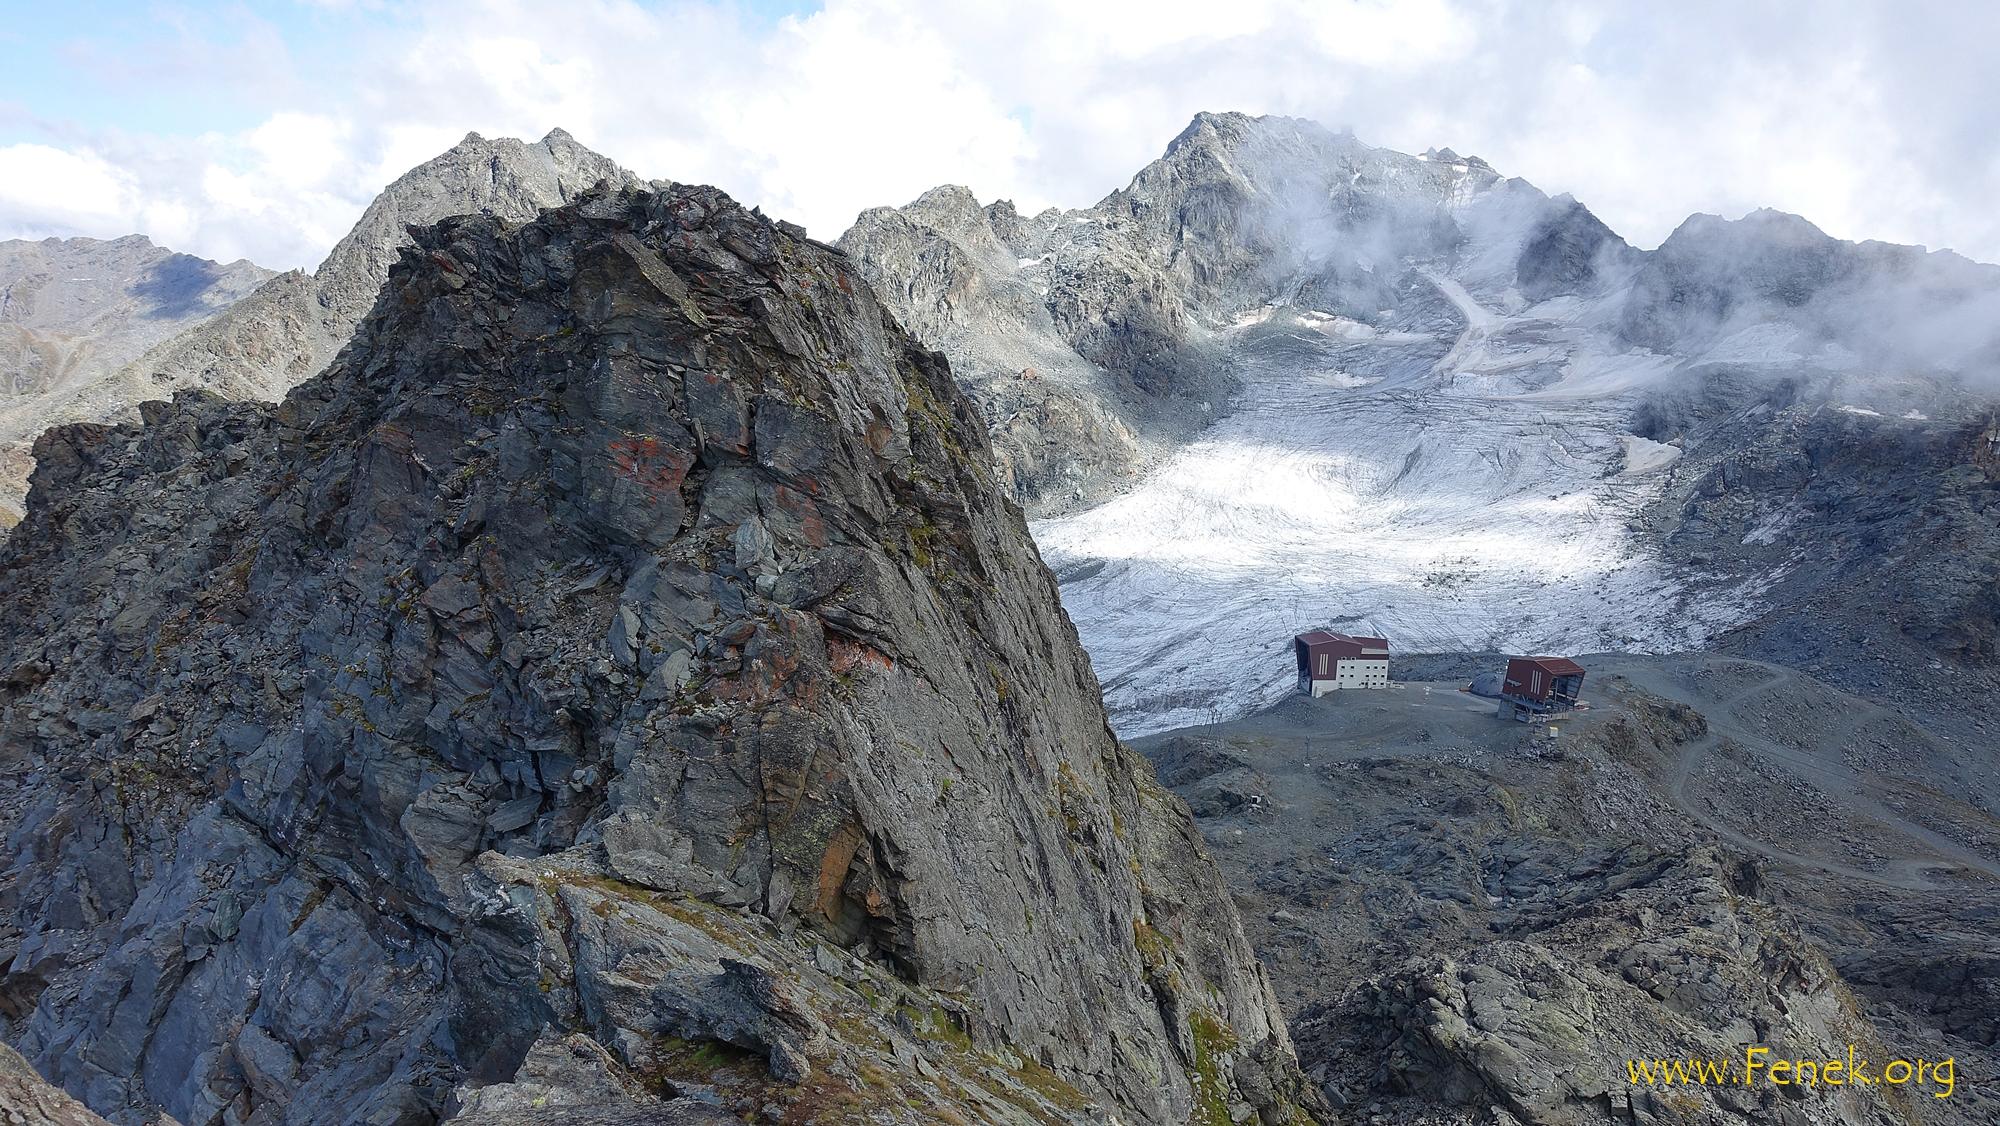 der Gipfelblock Pointe de Cion